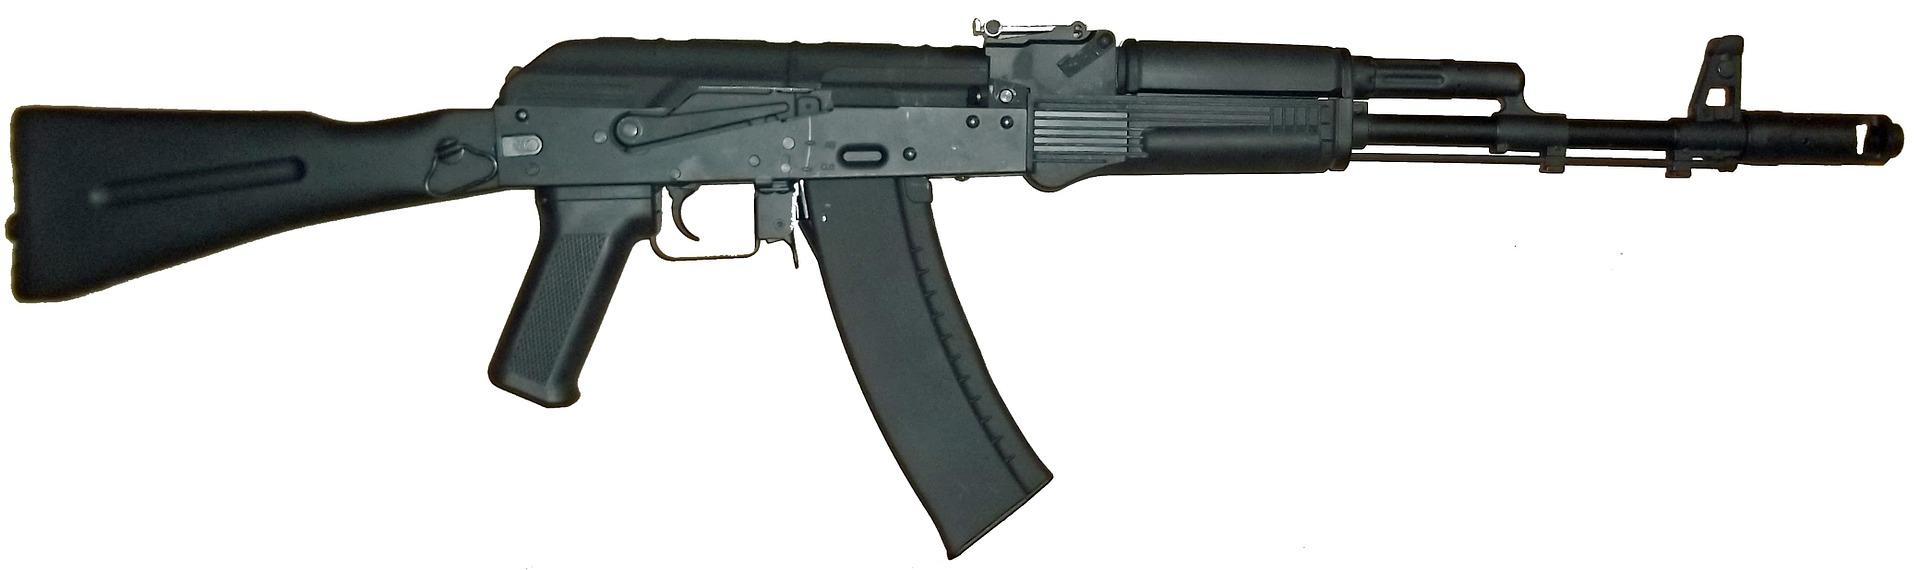 AK47 Kalashnikov rife